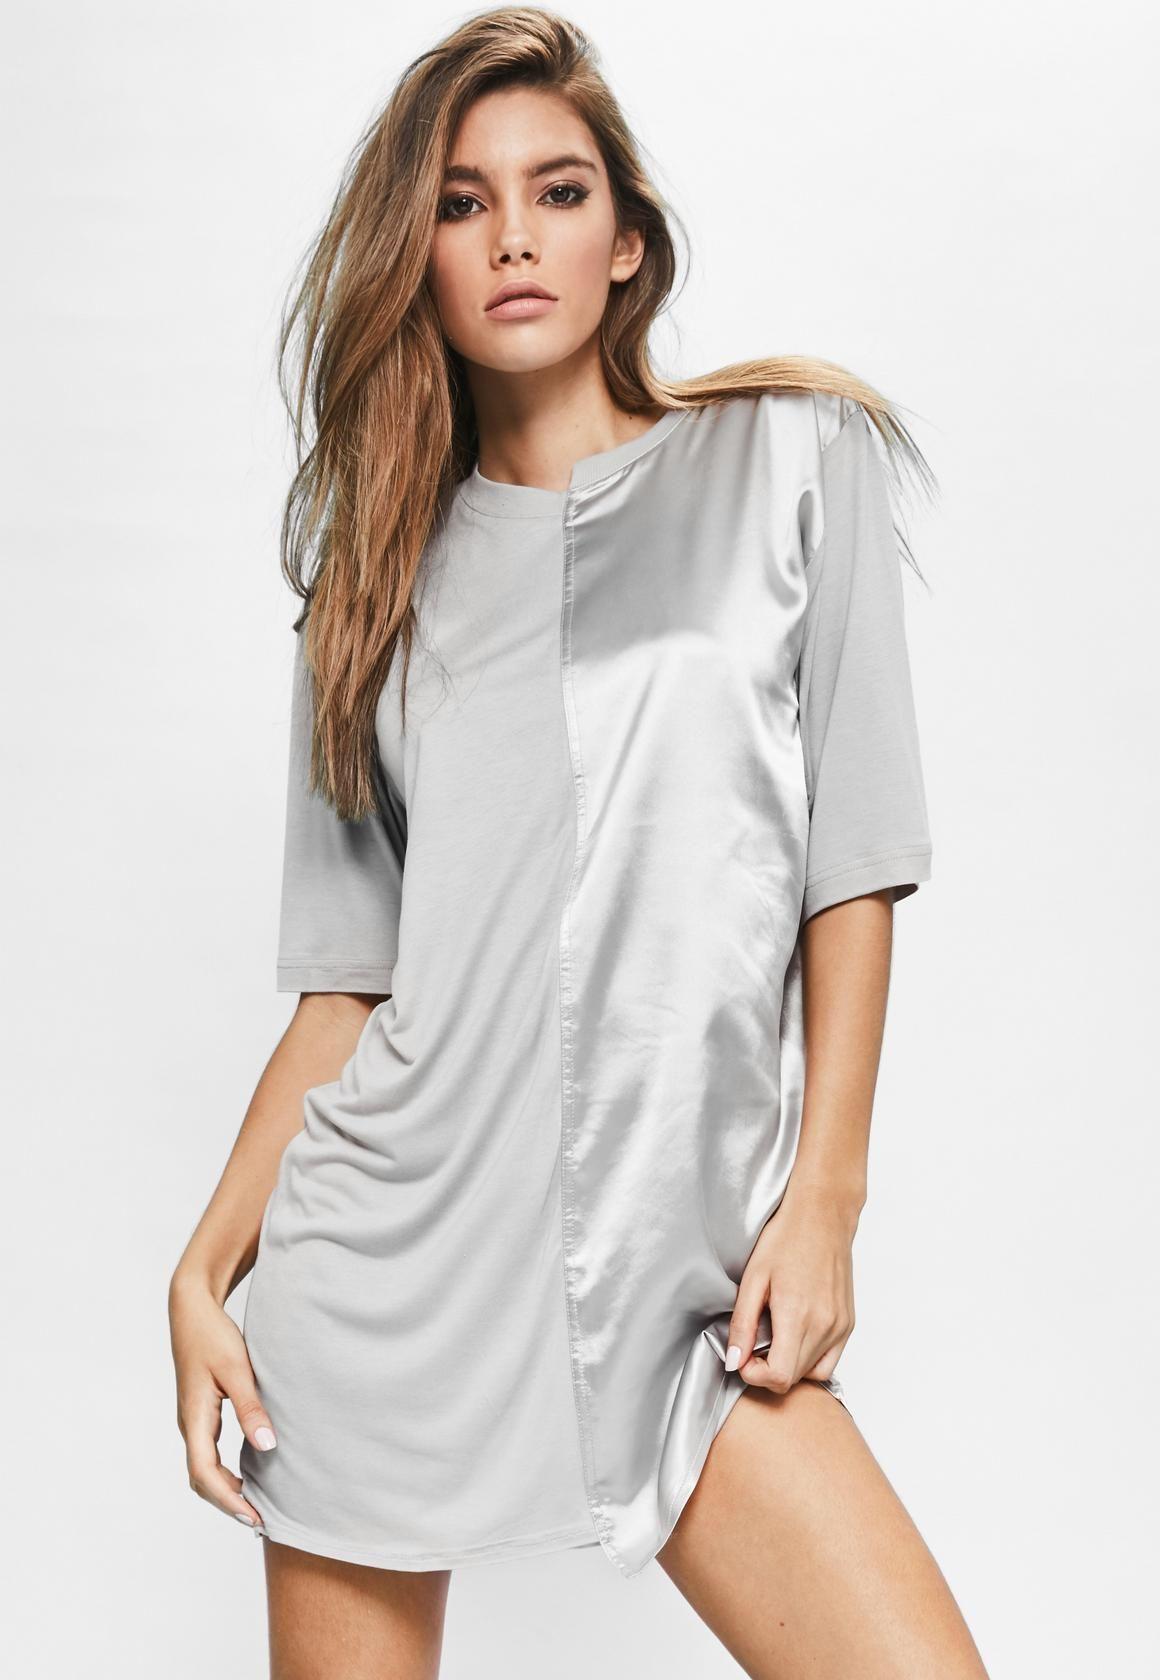 T shirt style formal dress s wedding dress pinterest